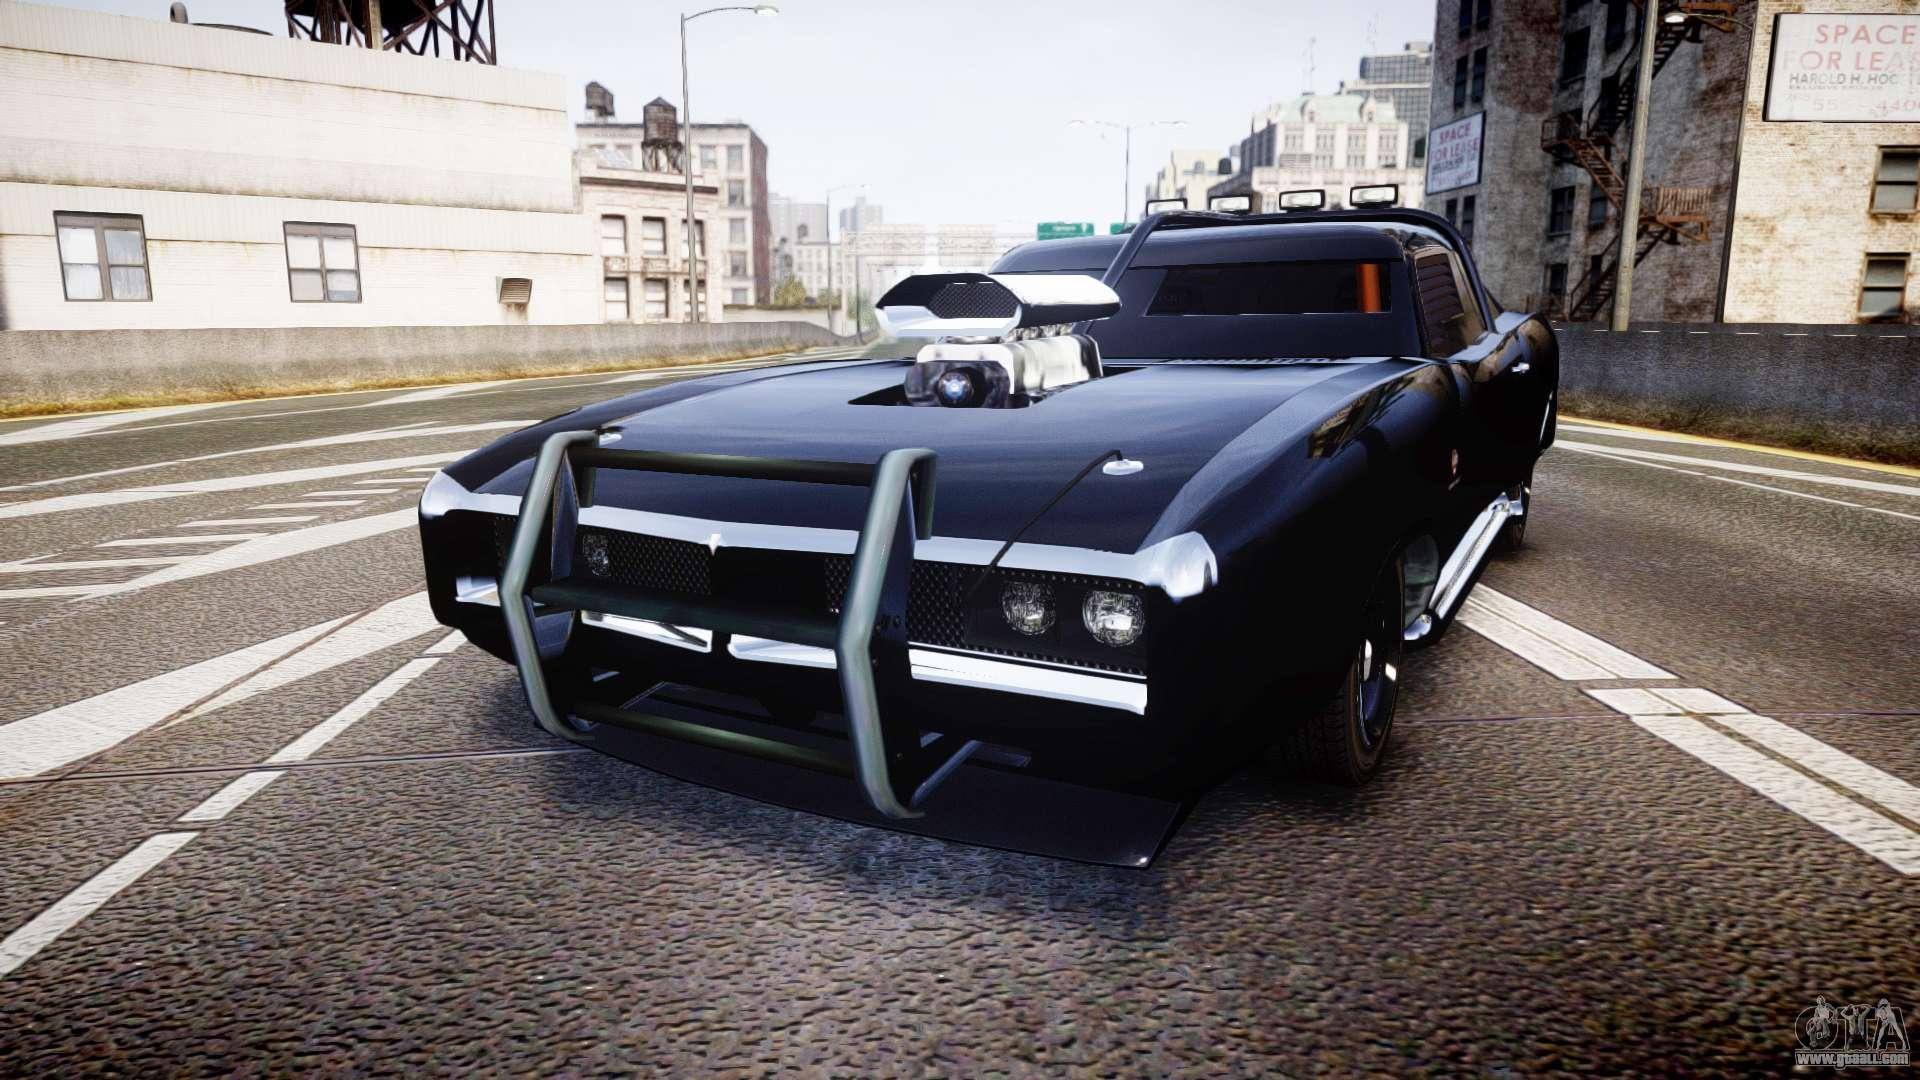 Apb Game Cars